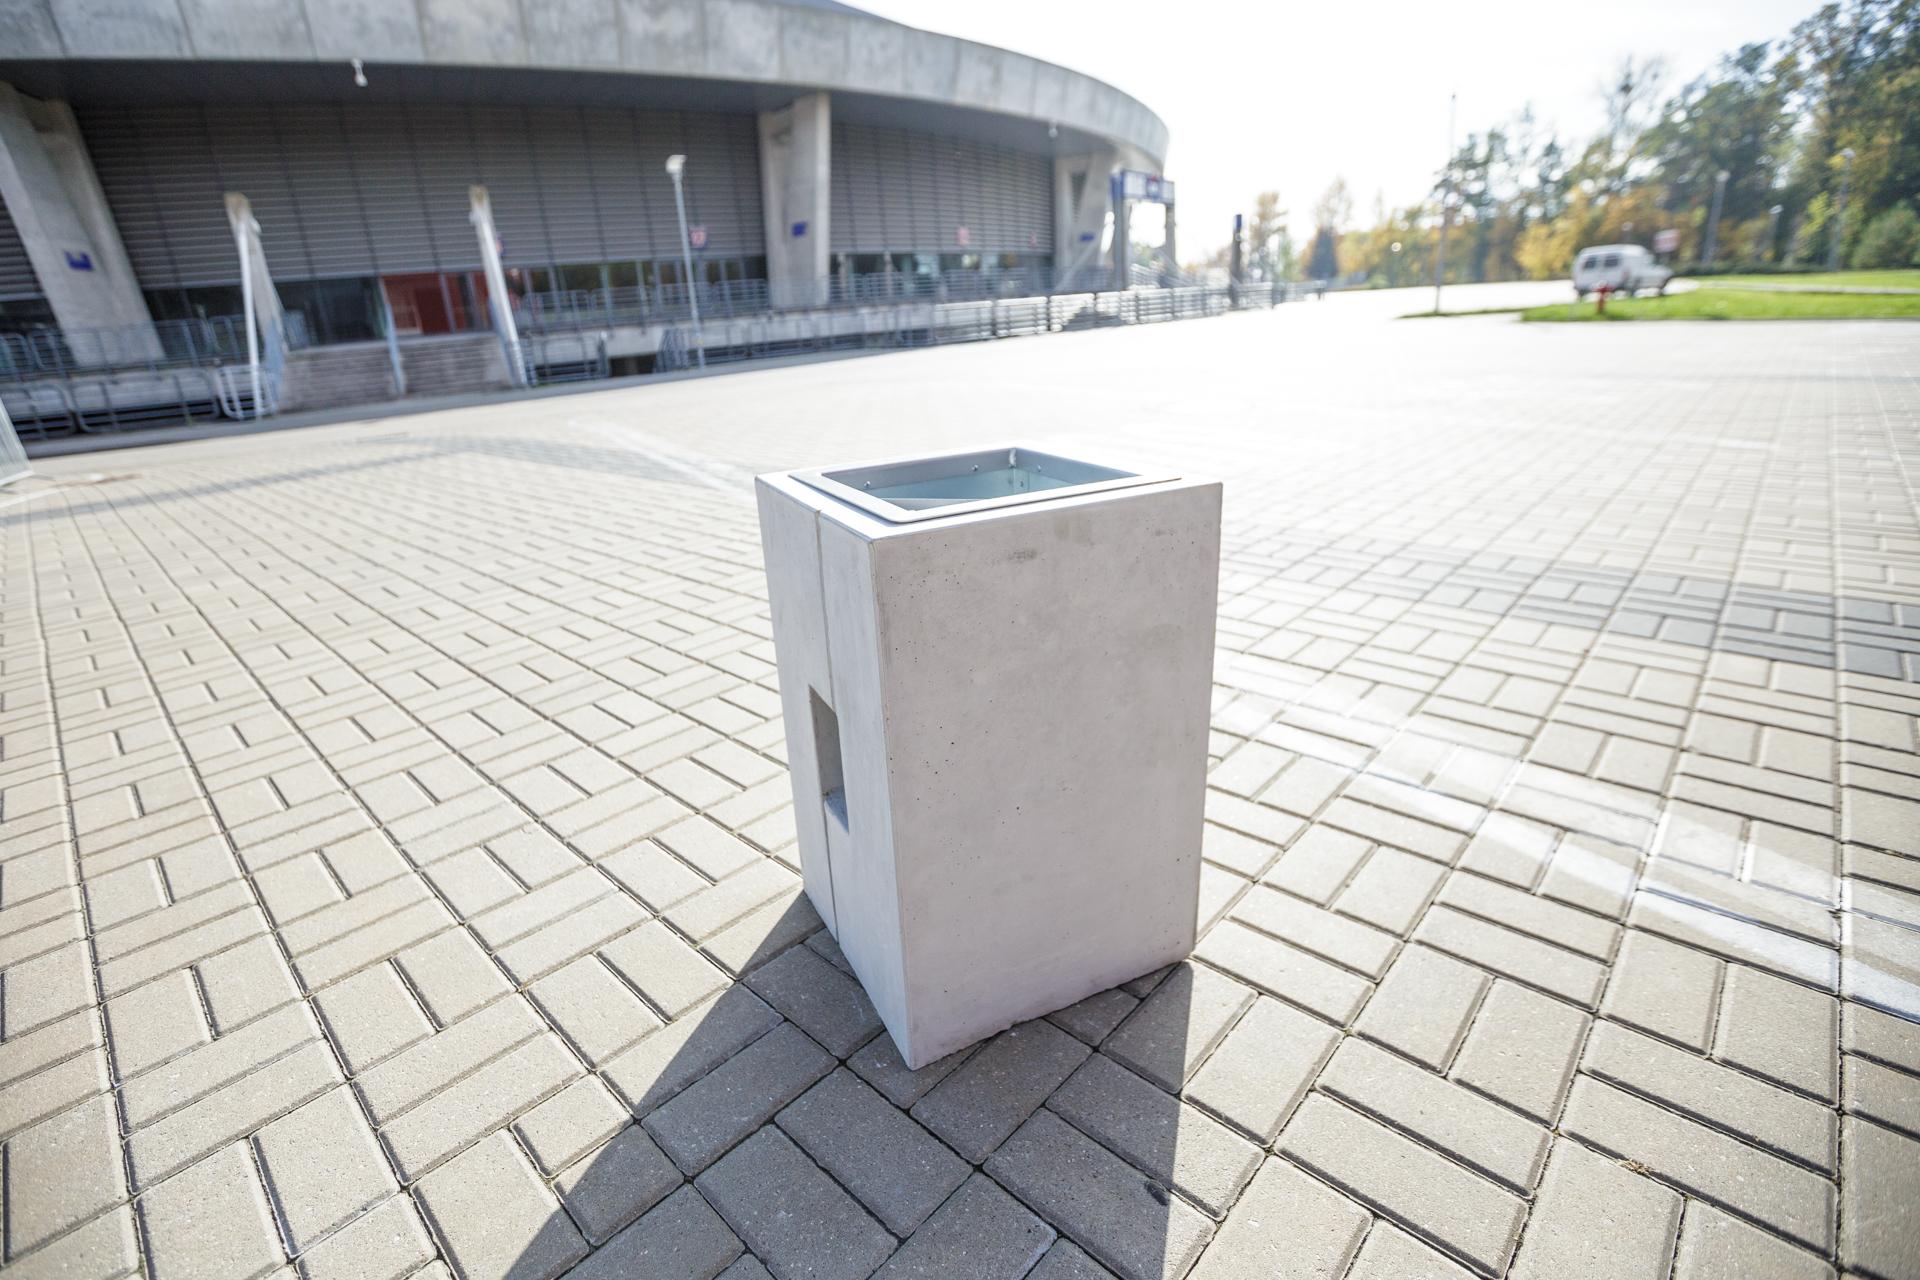 Kosz uliczny Roma zdjęcie pod areną malaarchitektura.info.pl